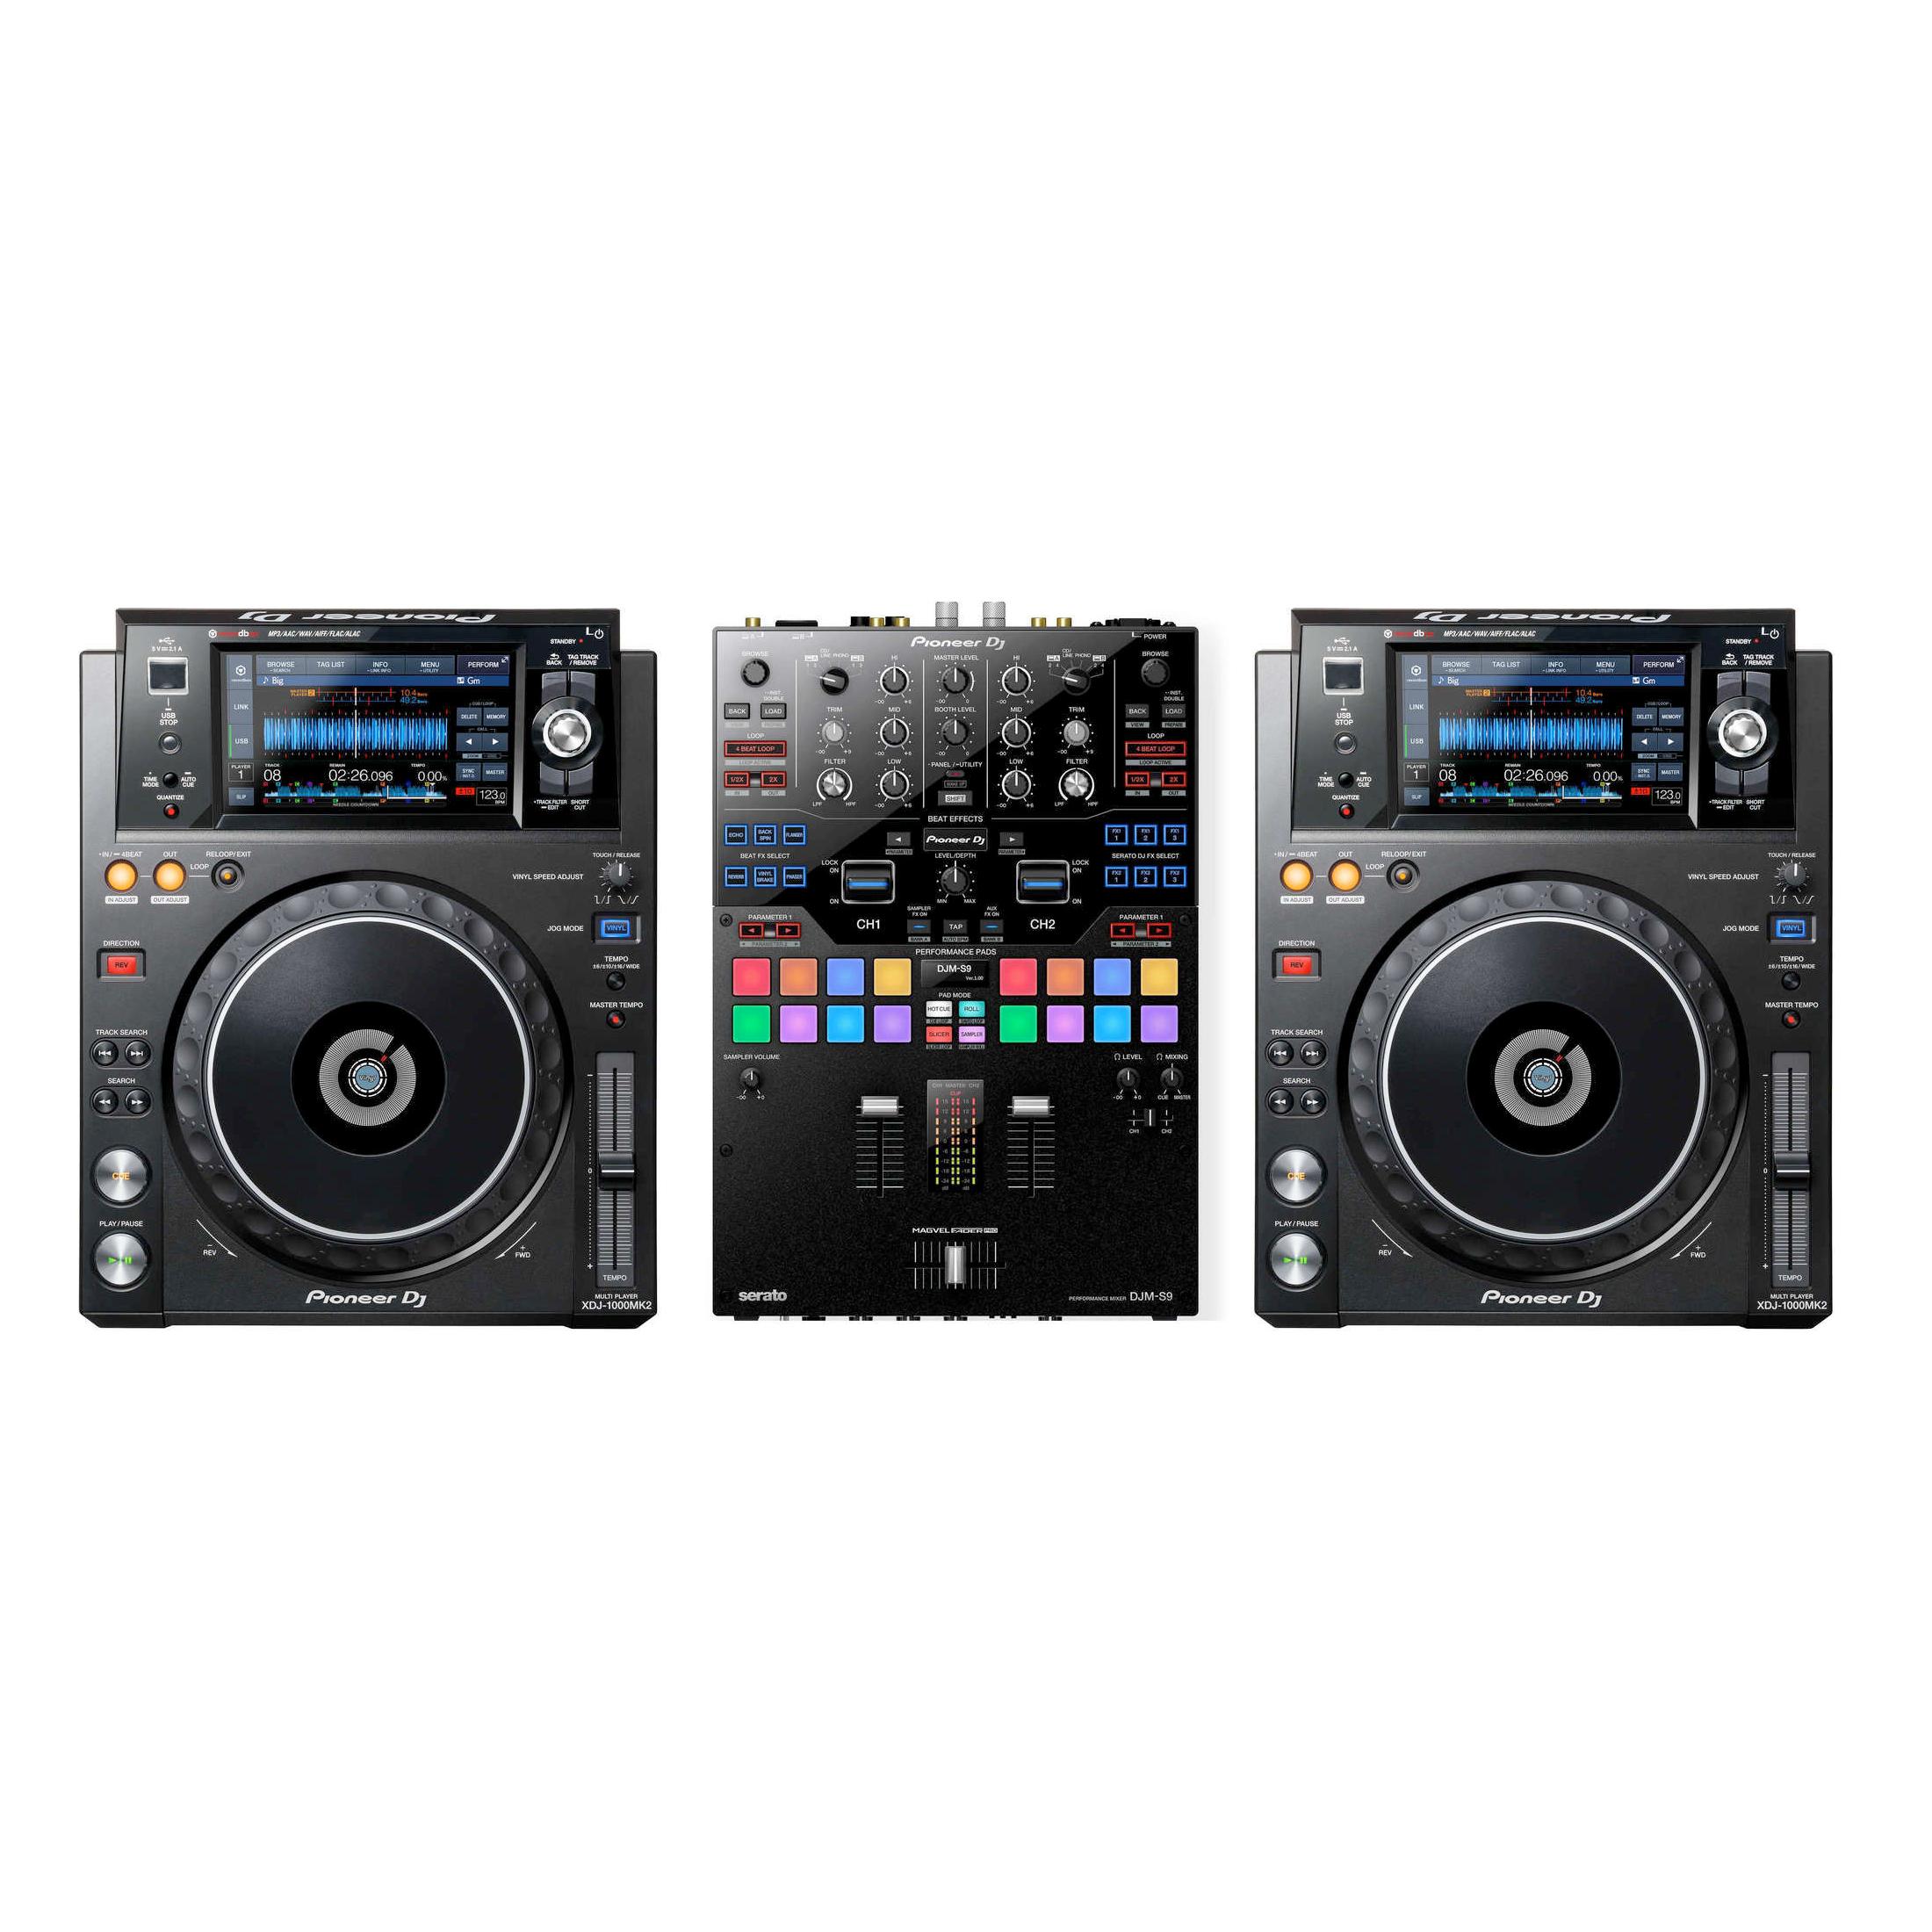 Pioneer DJ XDJ-1000MK2 & DJM-S9 Pack | Media Player & Mixer